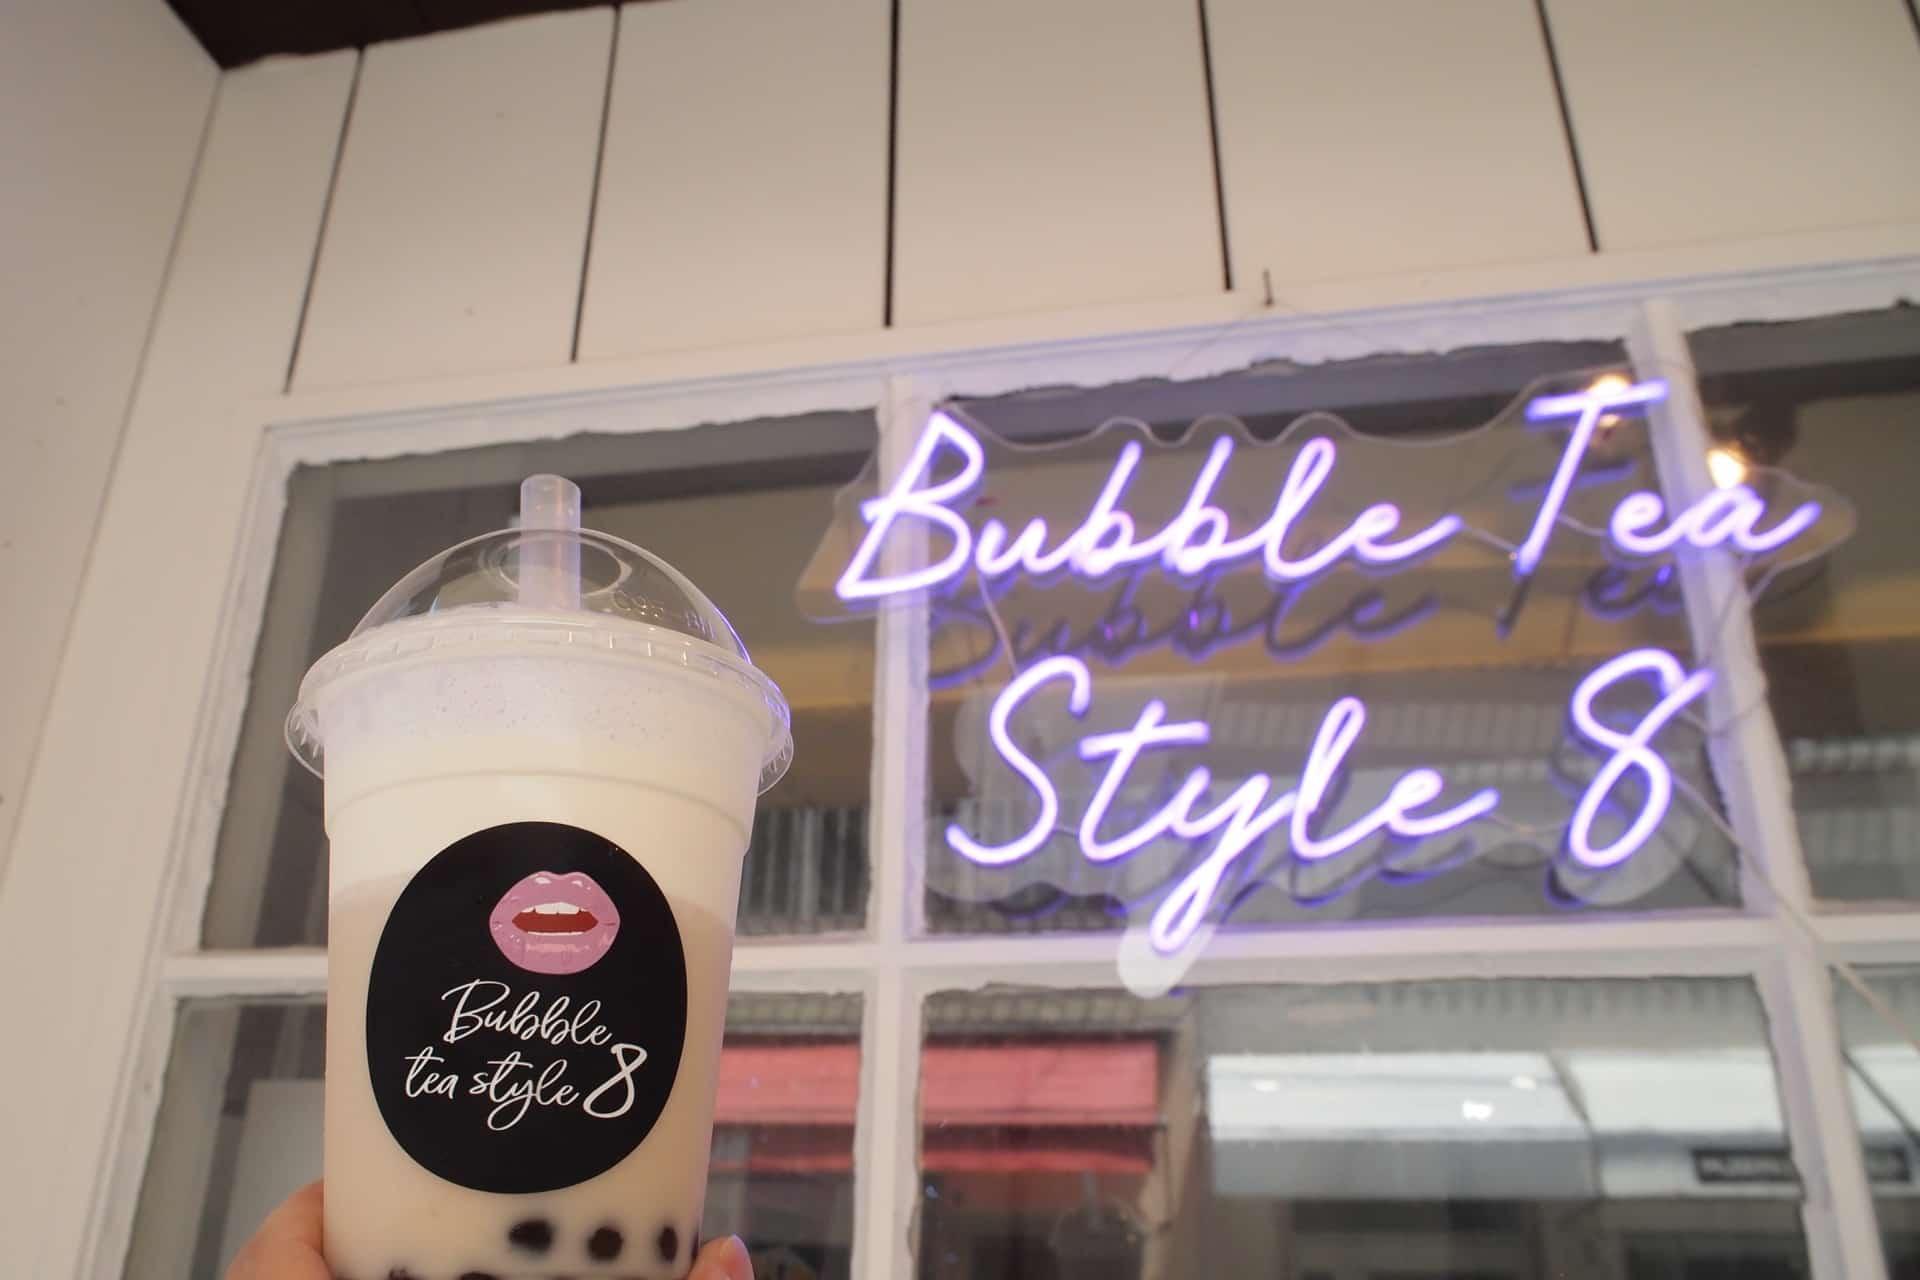 【閉店】バブルティー スタイル エイト − 神戸・元町で本格派のチーズティー